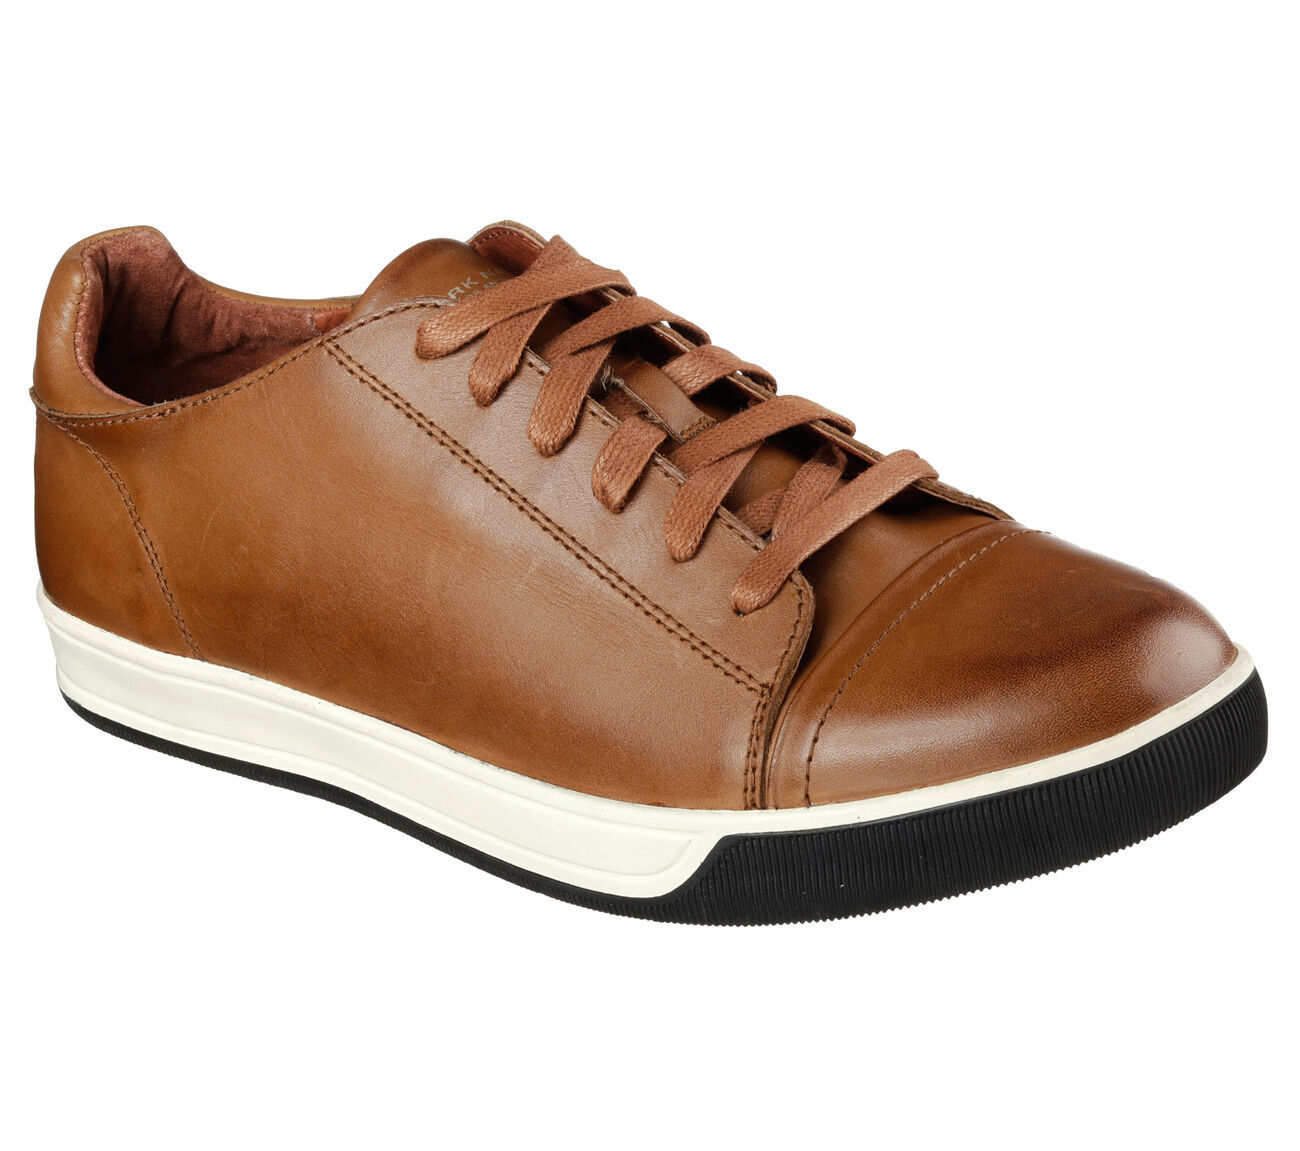 Mark Nason Sneaker: 12 listings